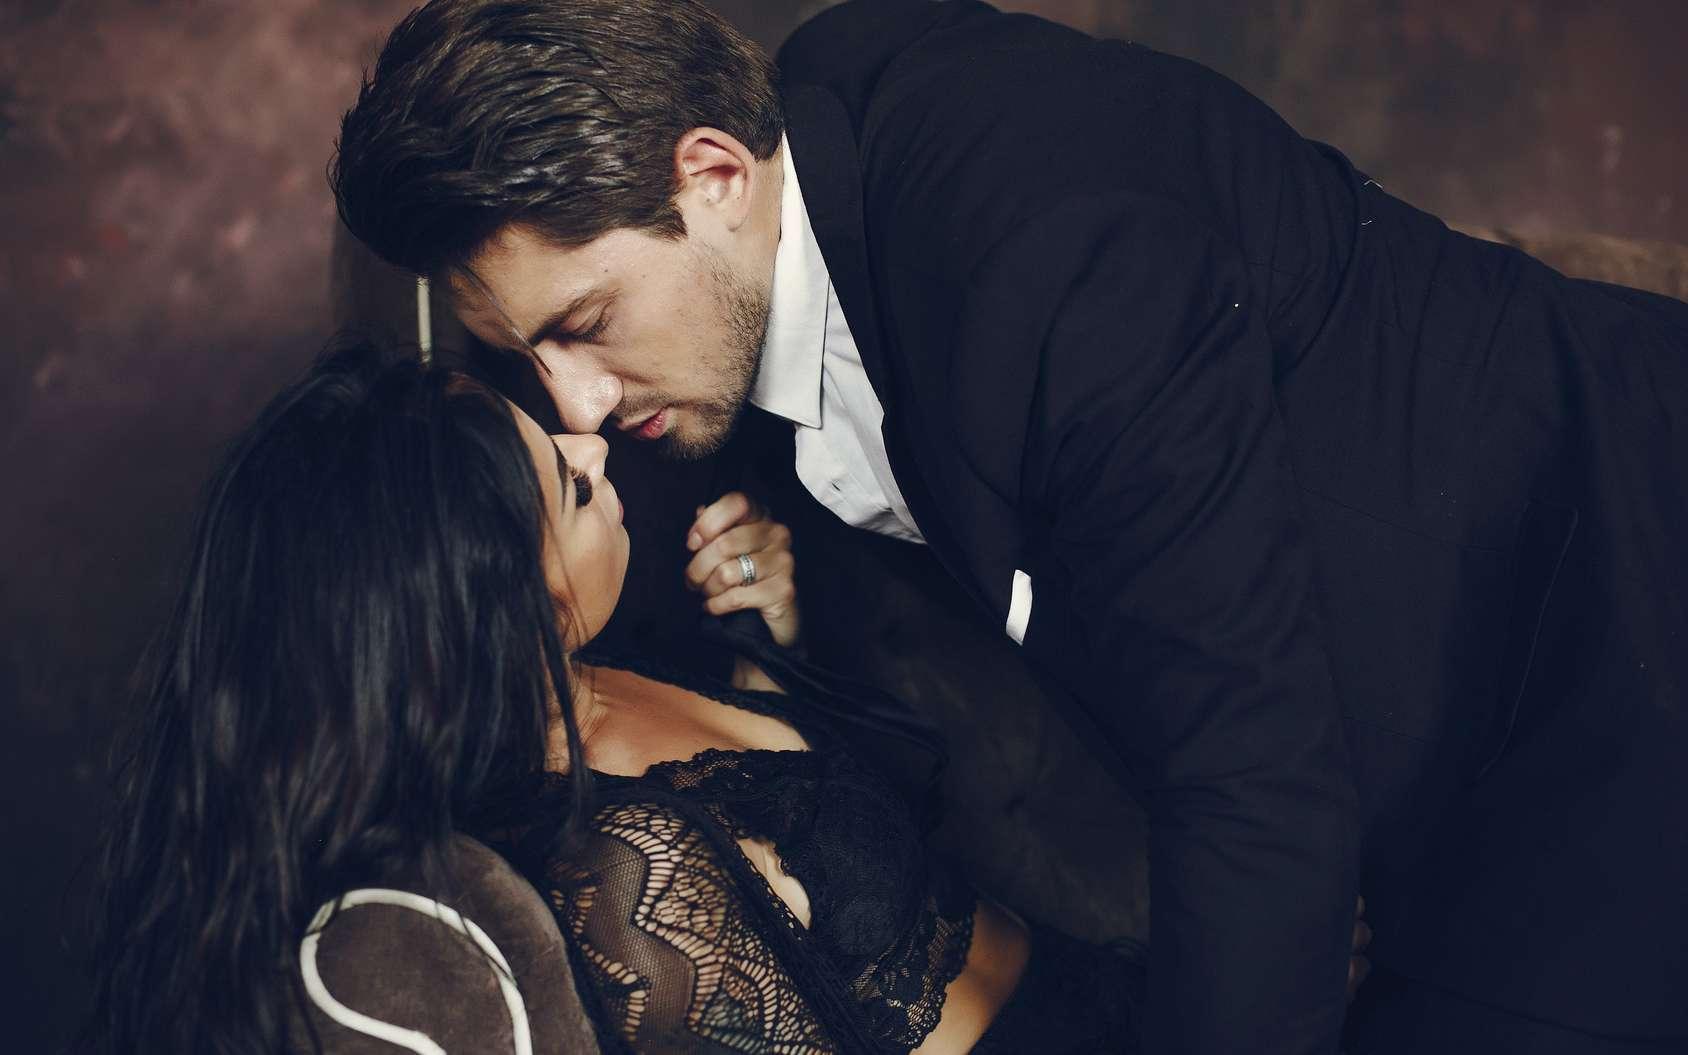 Pendant leur pic de fertilité, les femmes trouvent sexy l'odeur de sueur des hommes avec de forts taux de testostérone... © prostooleh, fotolia